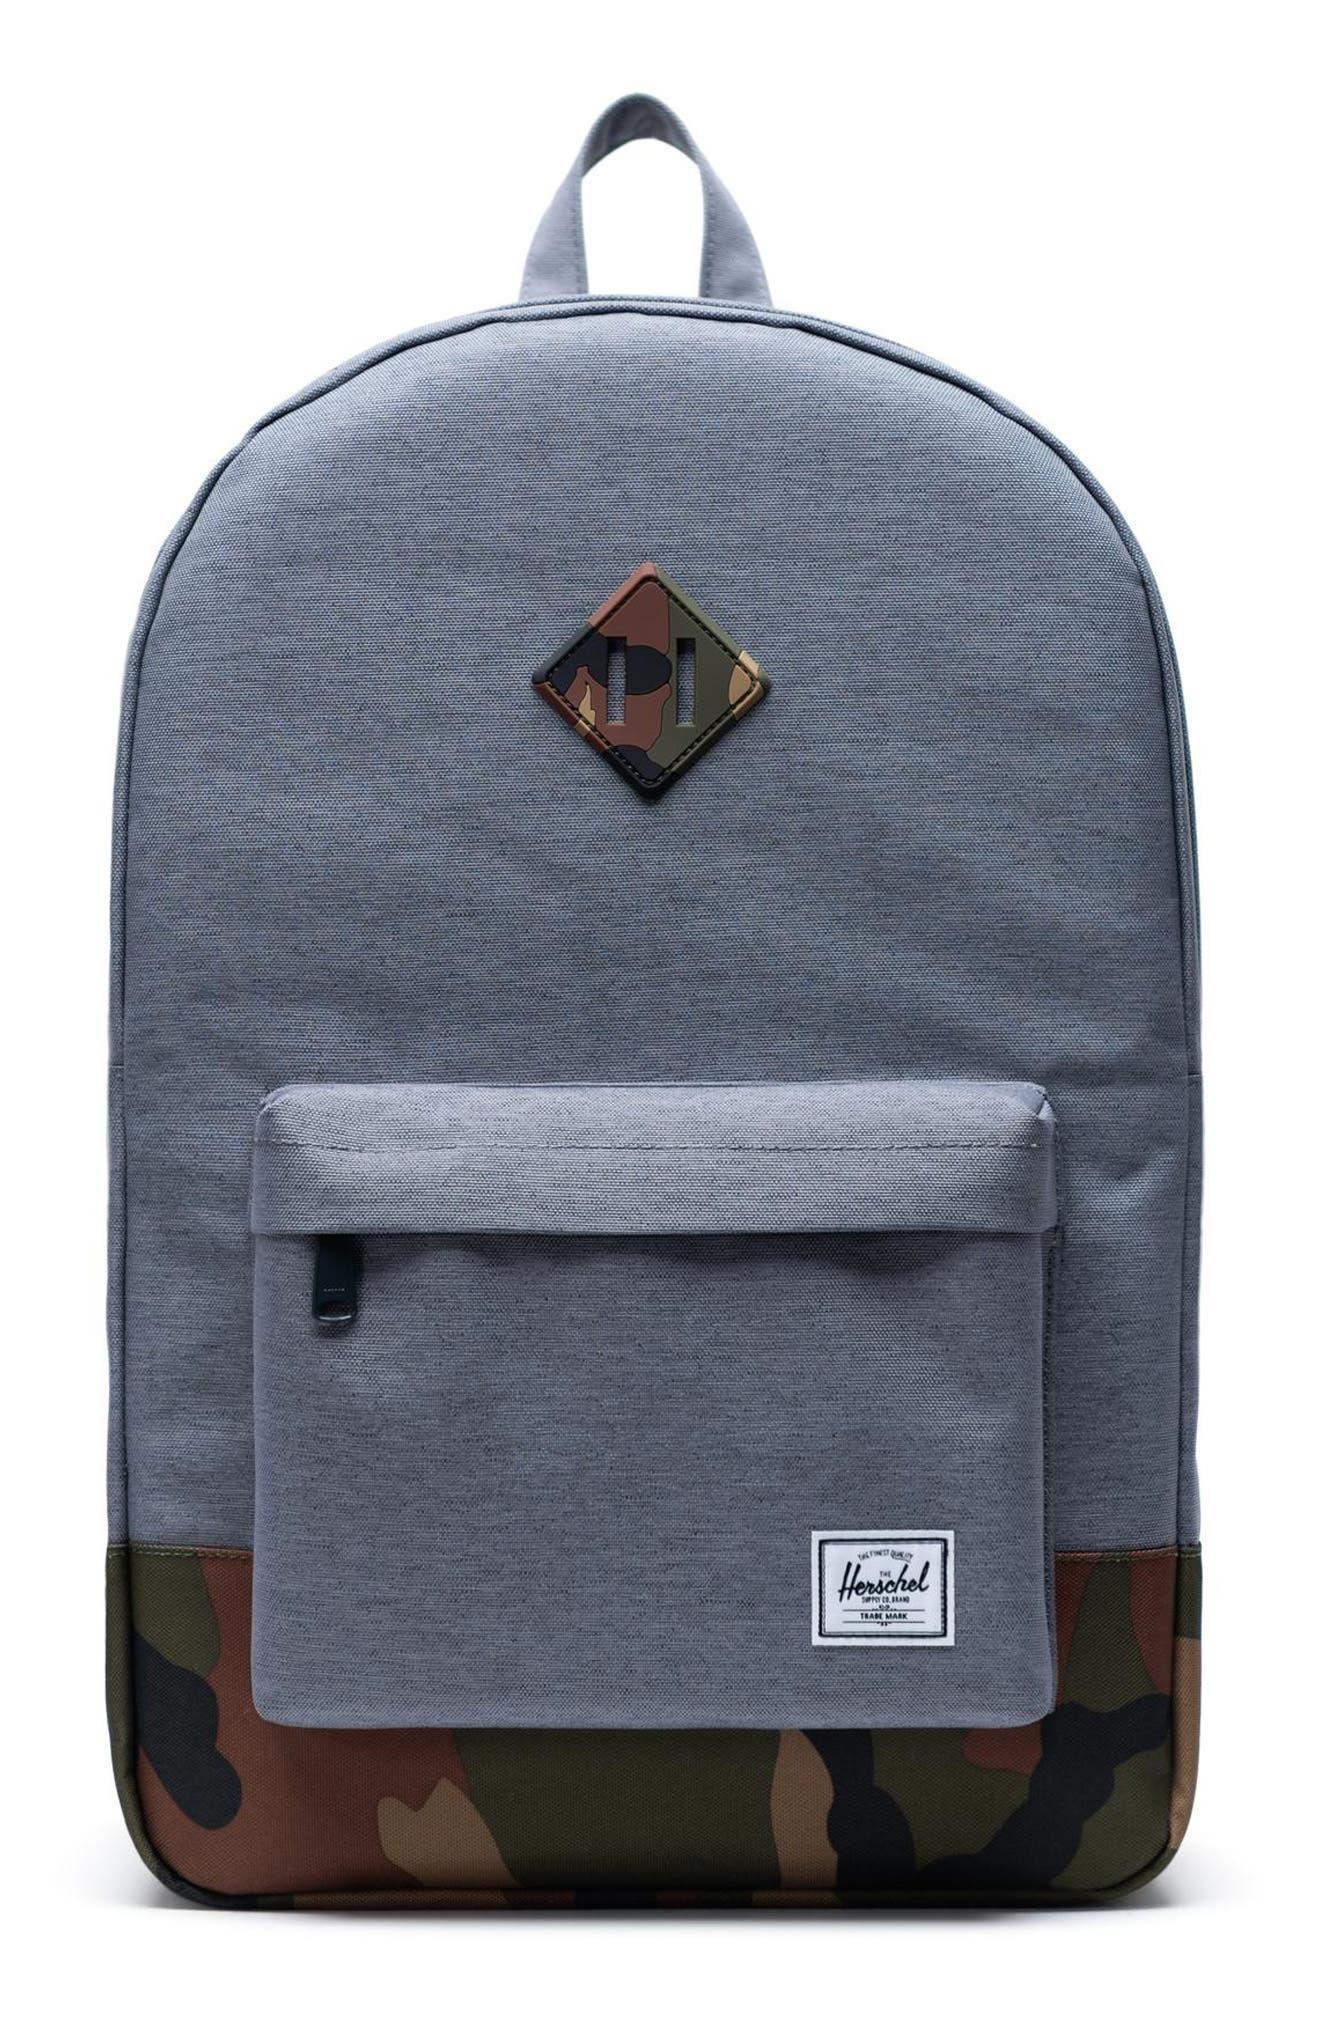 Herschel Supply Co. Heritage Camo Trim Backpack - Grey (Nordstrom Exclusive)